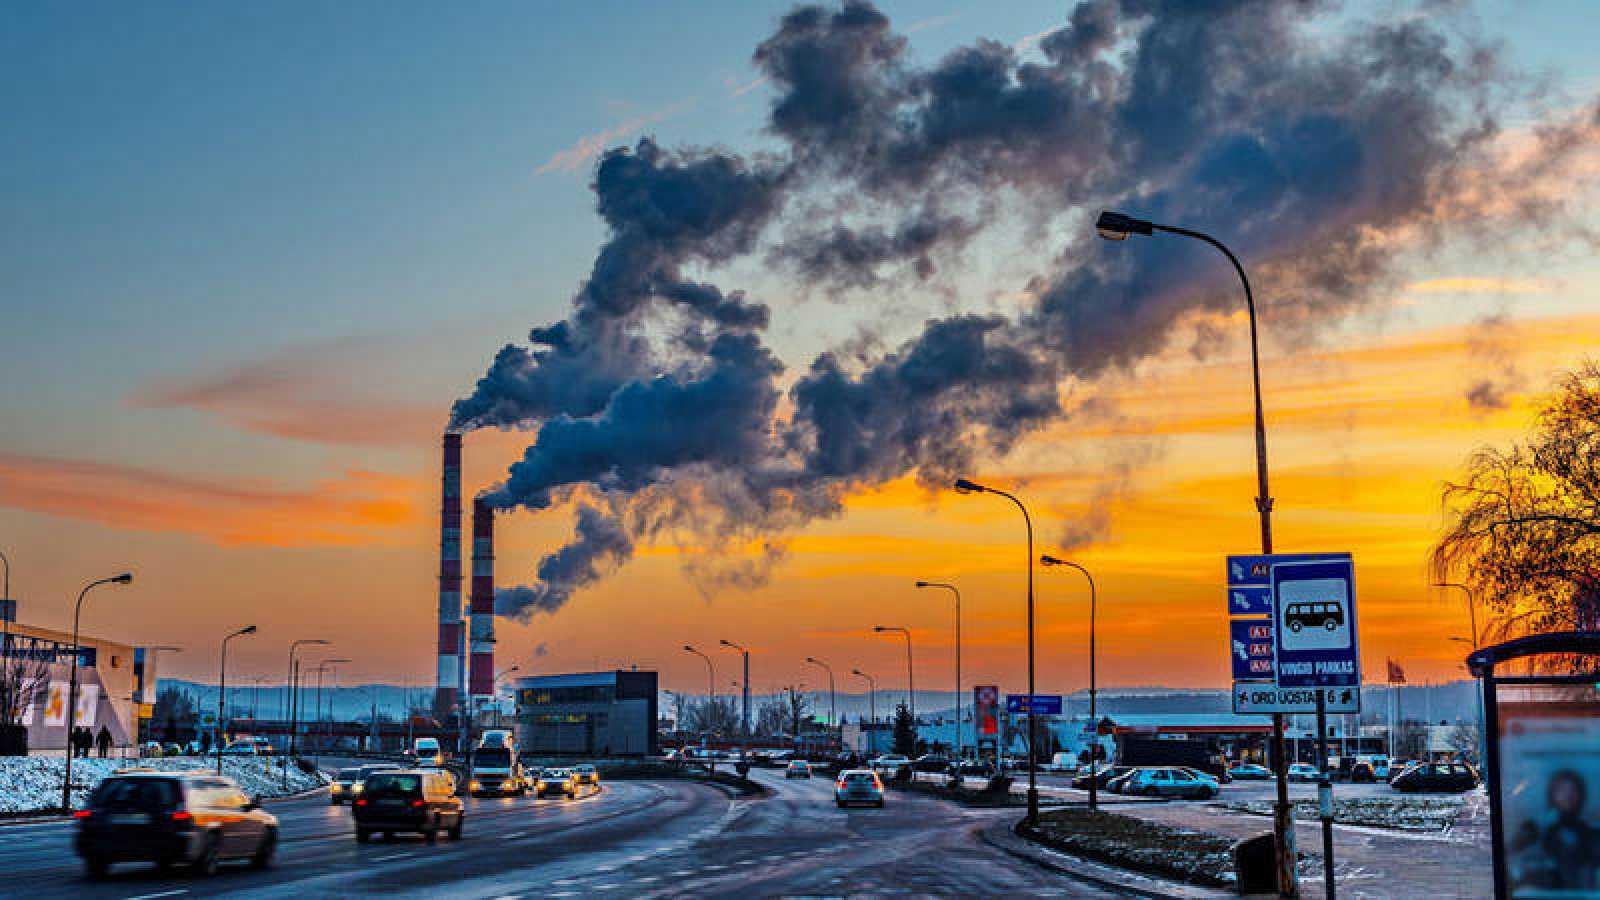 El estudio ha analizadola exposición a cuatro contaminantes: partículas finas en suspensión, óxido de nitrógeno, carbono negro y ozono a nivel del suelo.